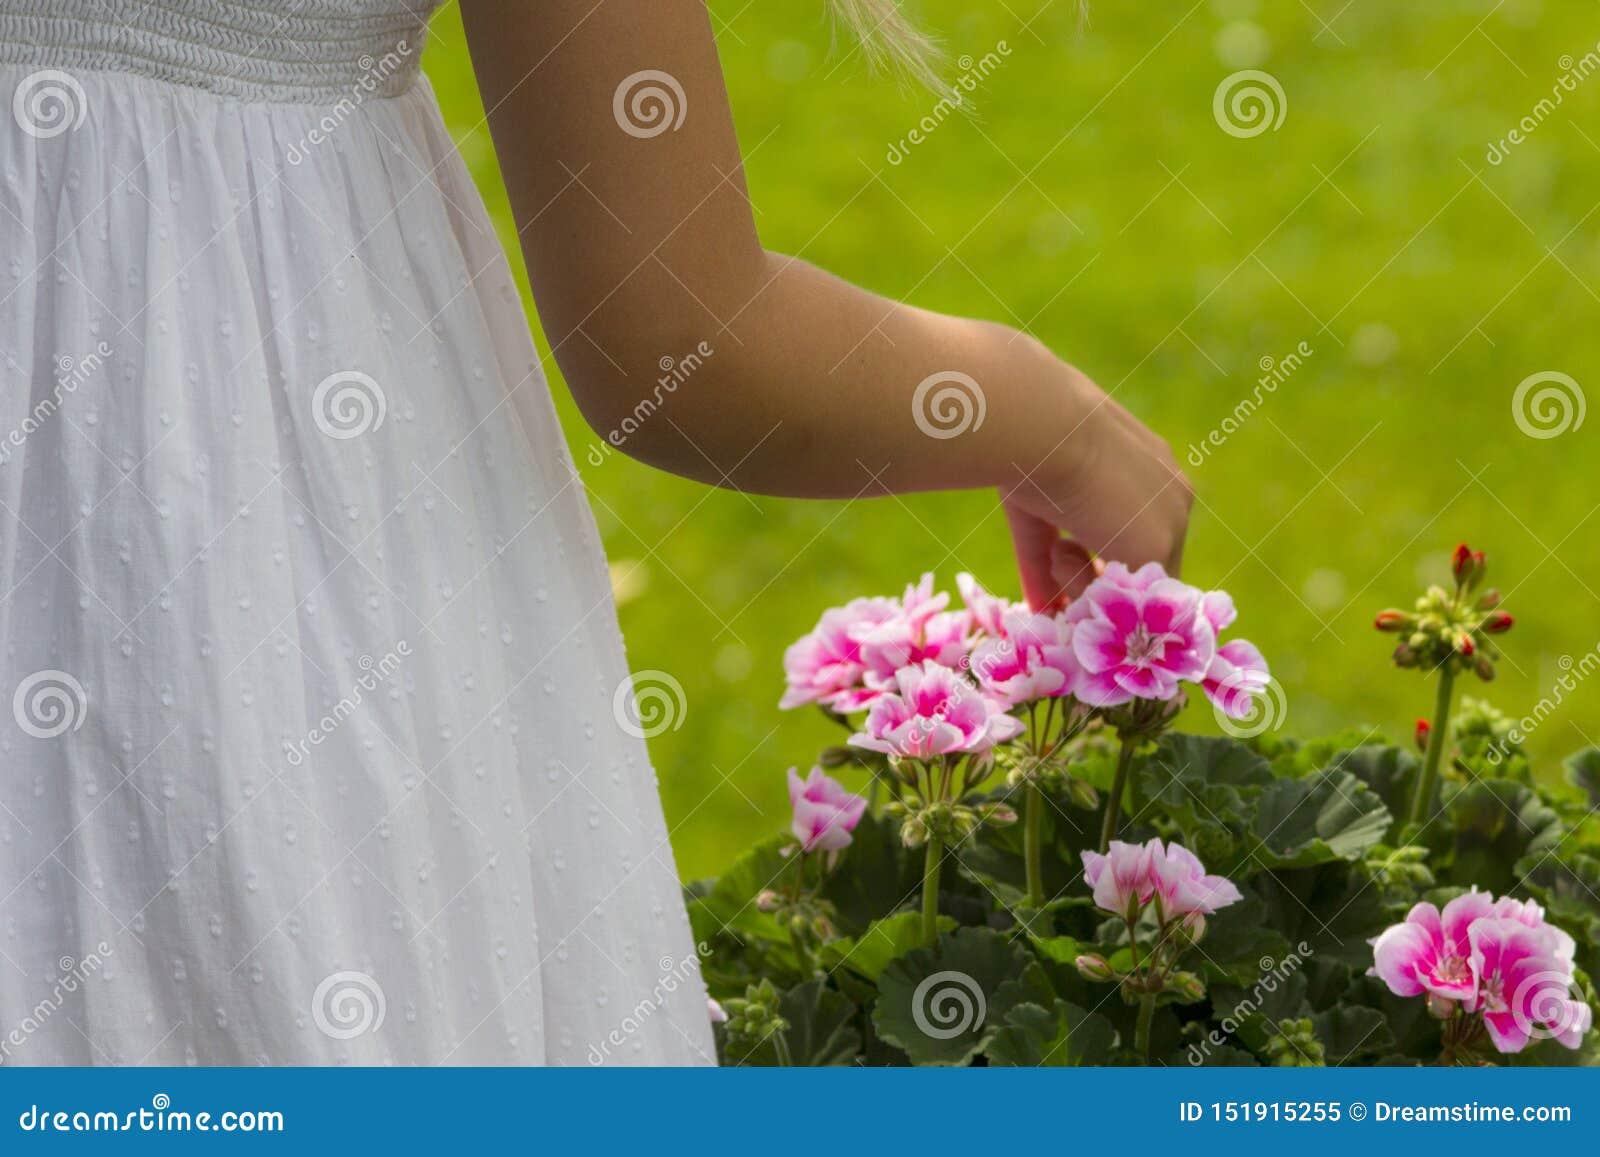 Mädchen in einem Kleid, das Blumen auswählt